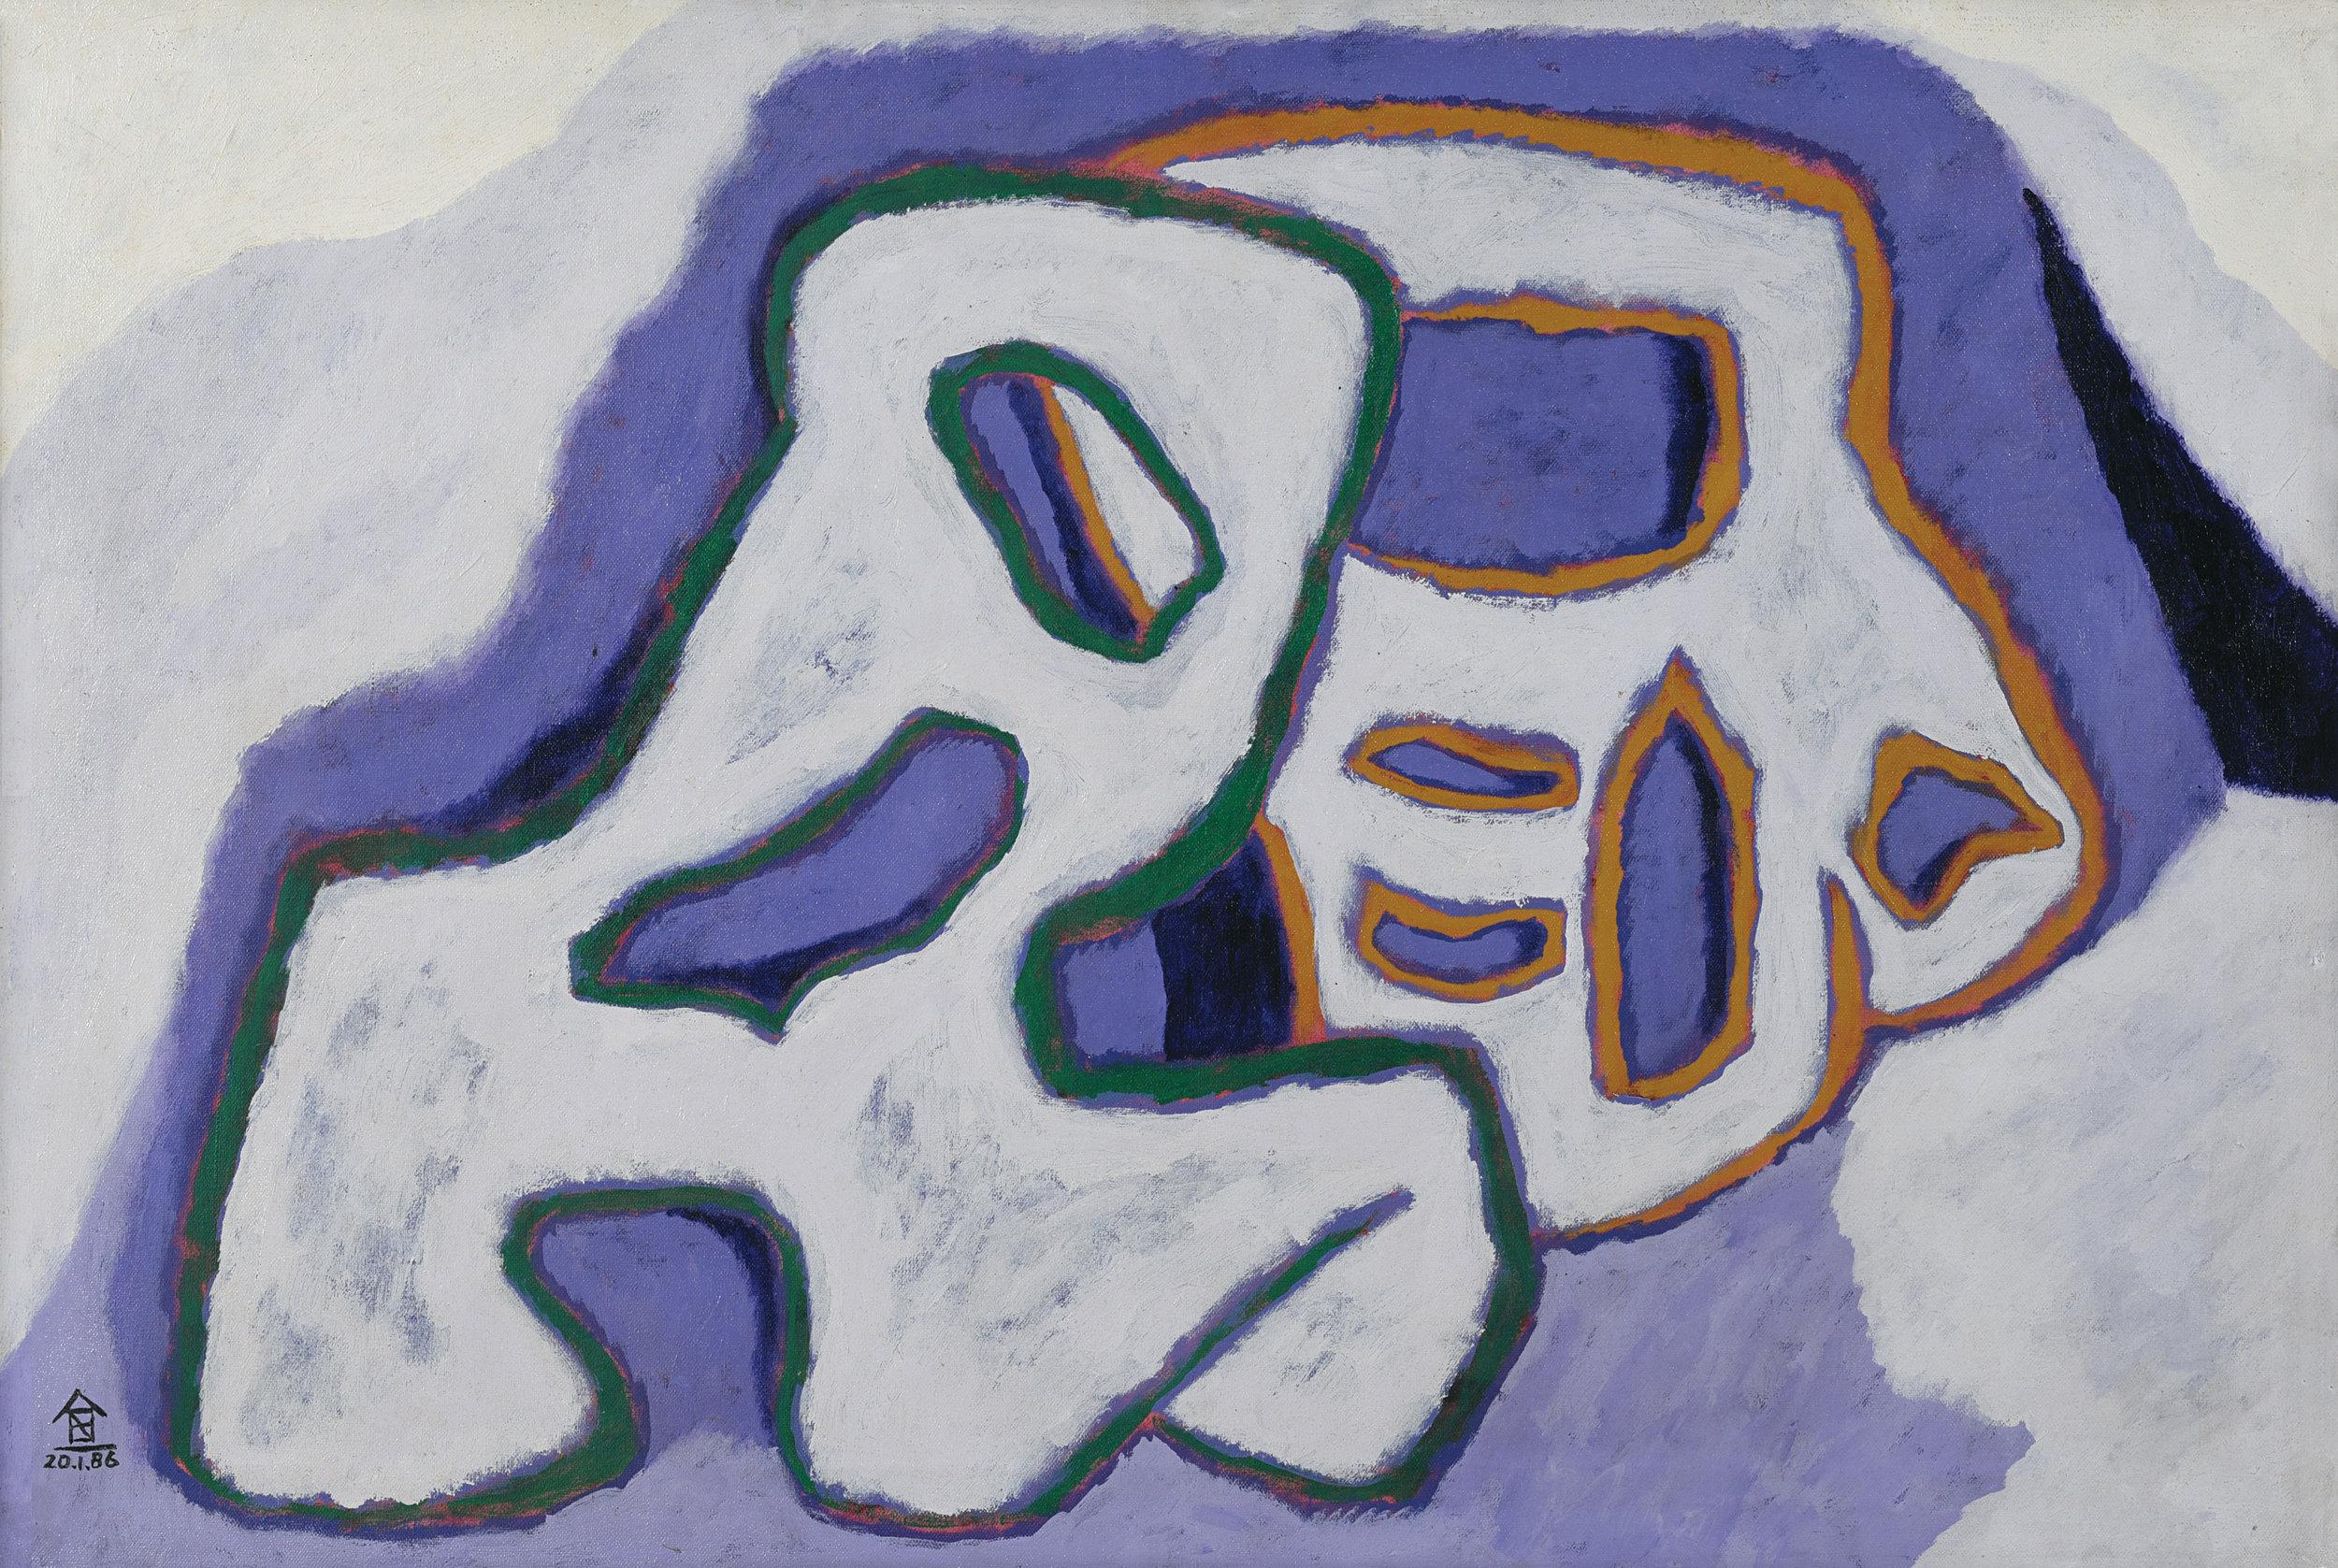 Nashar, Batu Suiseki (Scholar's Rock), oil on canvas, 63 x 93 cm, 1986